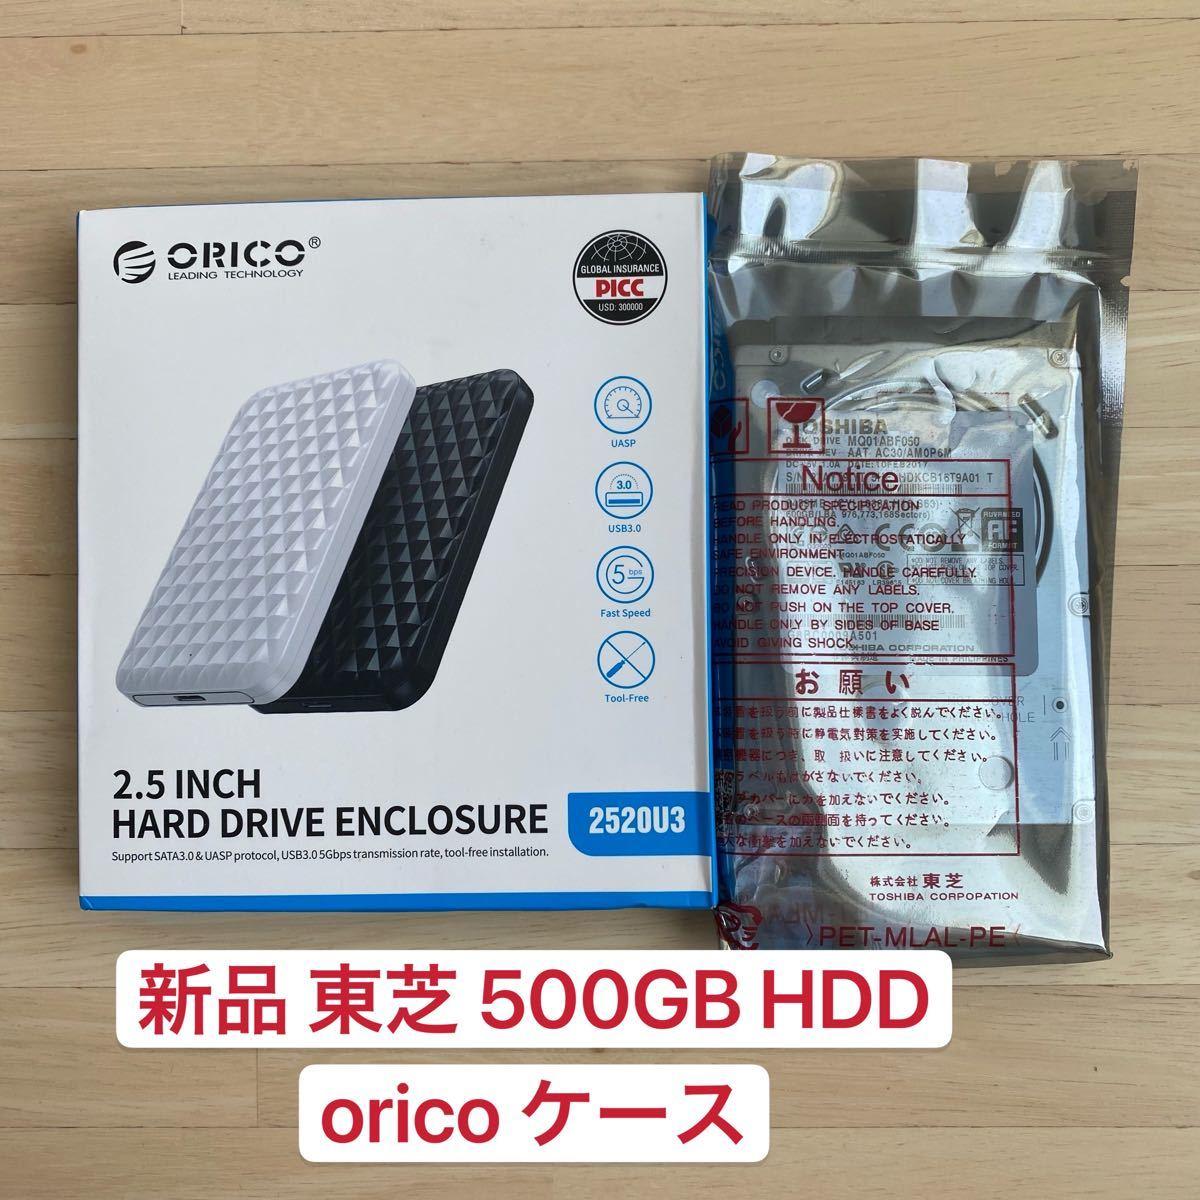 【新品】ポータブルHDD  500GB 東芝 orico 外付けHDD 納品書付